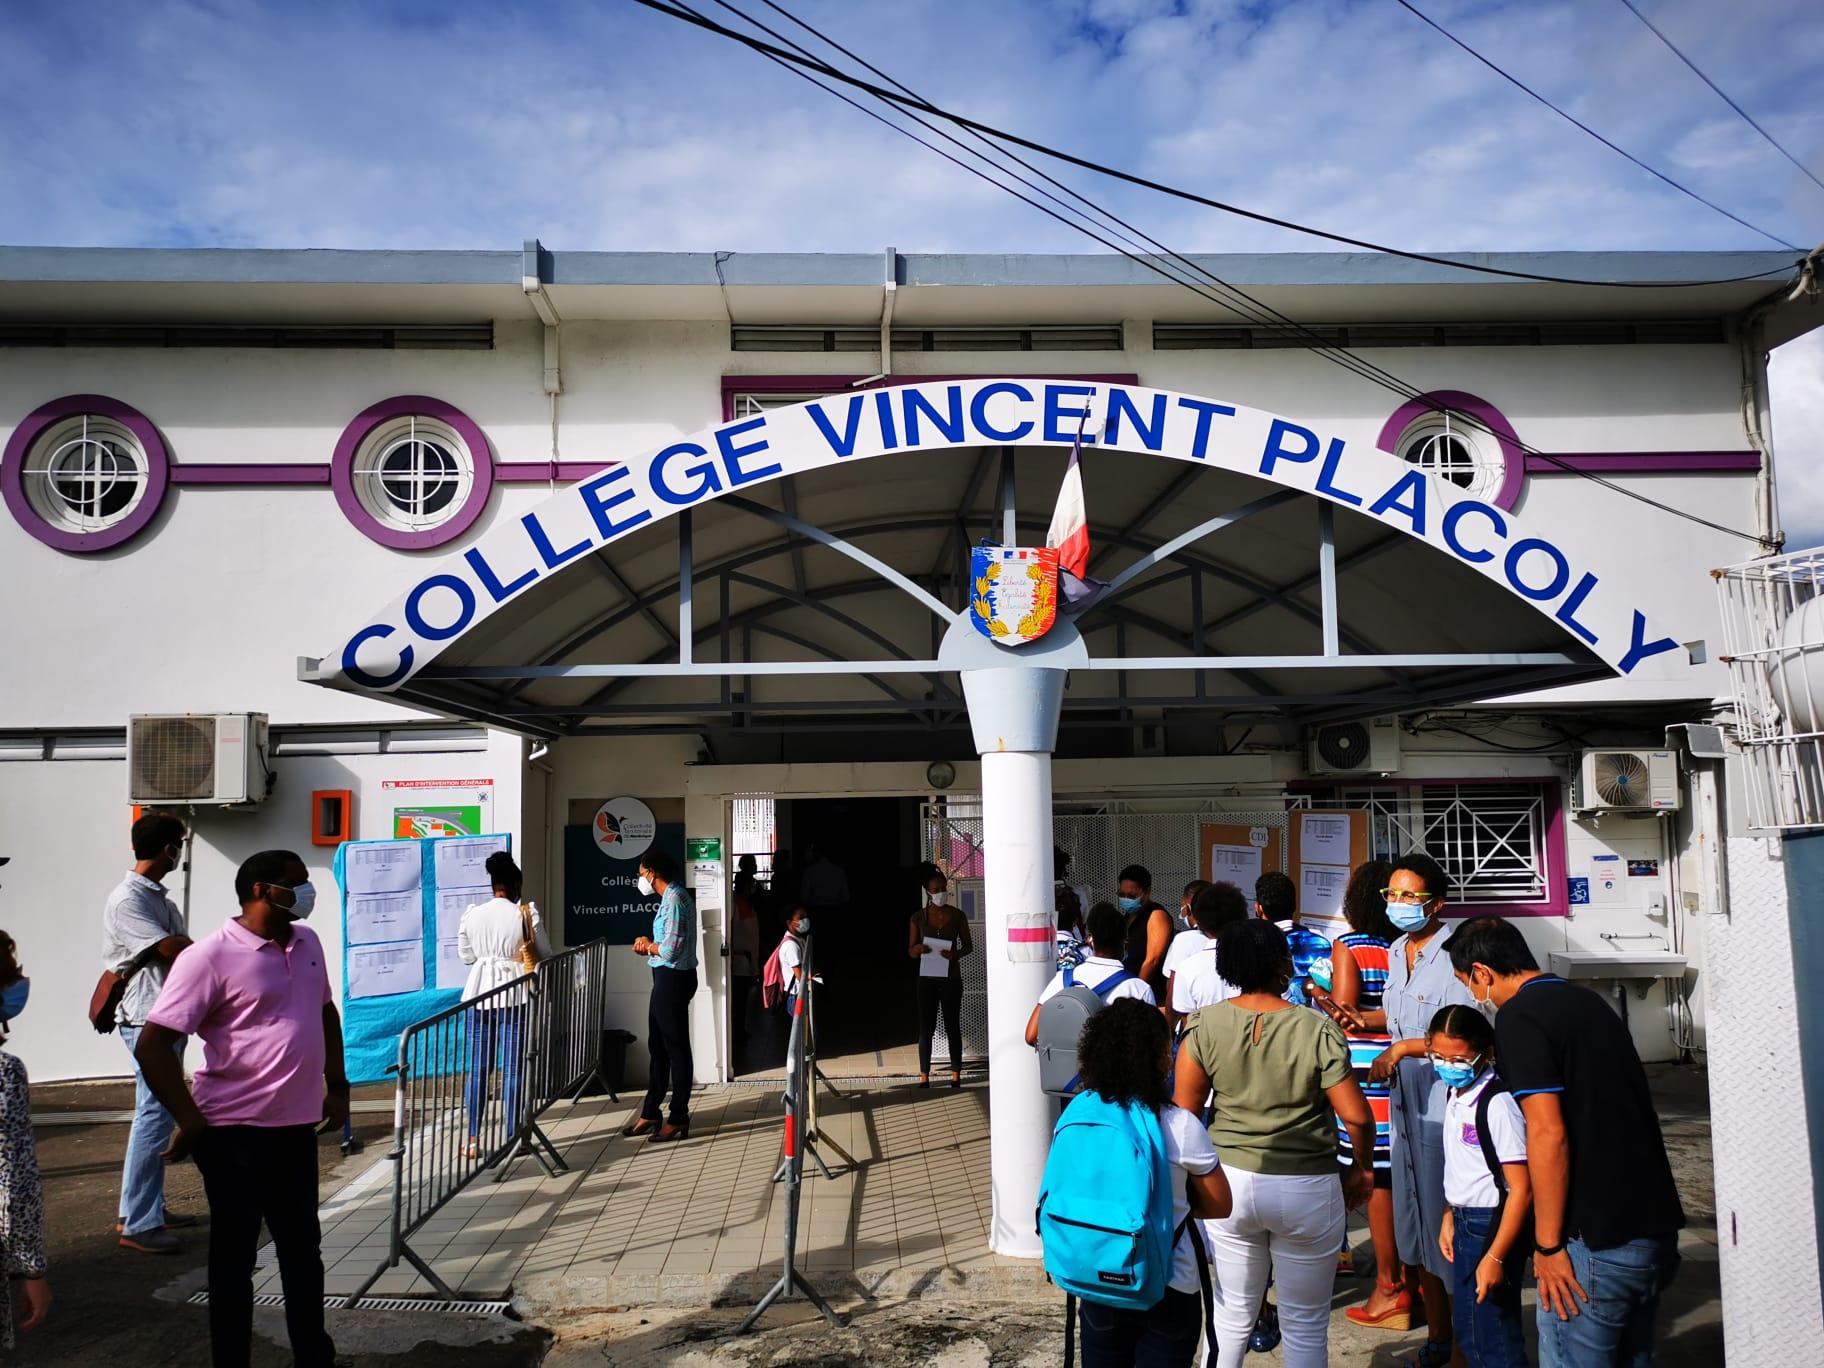 Les élèves de sixième ont fait leur rentrée au collège Vincent Placoly